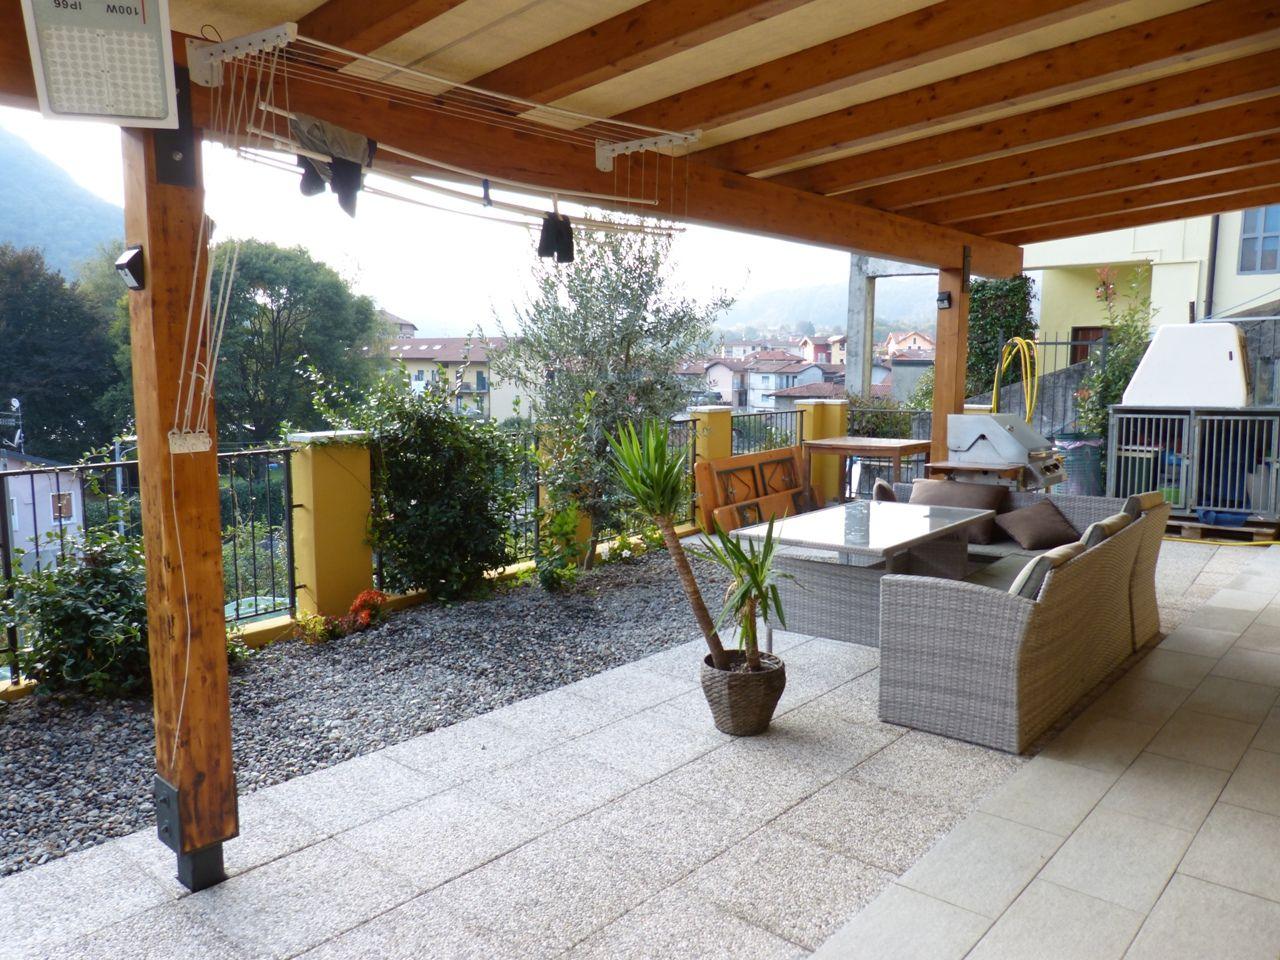 Verbania appartamento con garage e giardino aa2298 case for Case e giardini